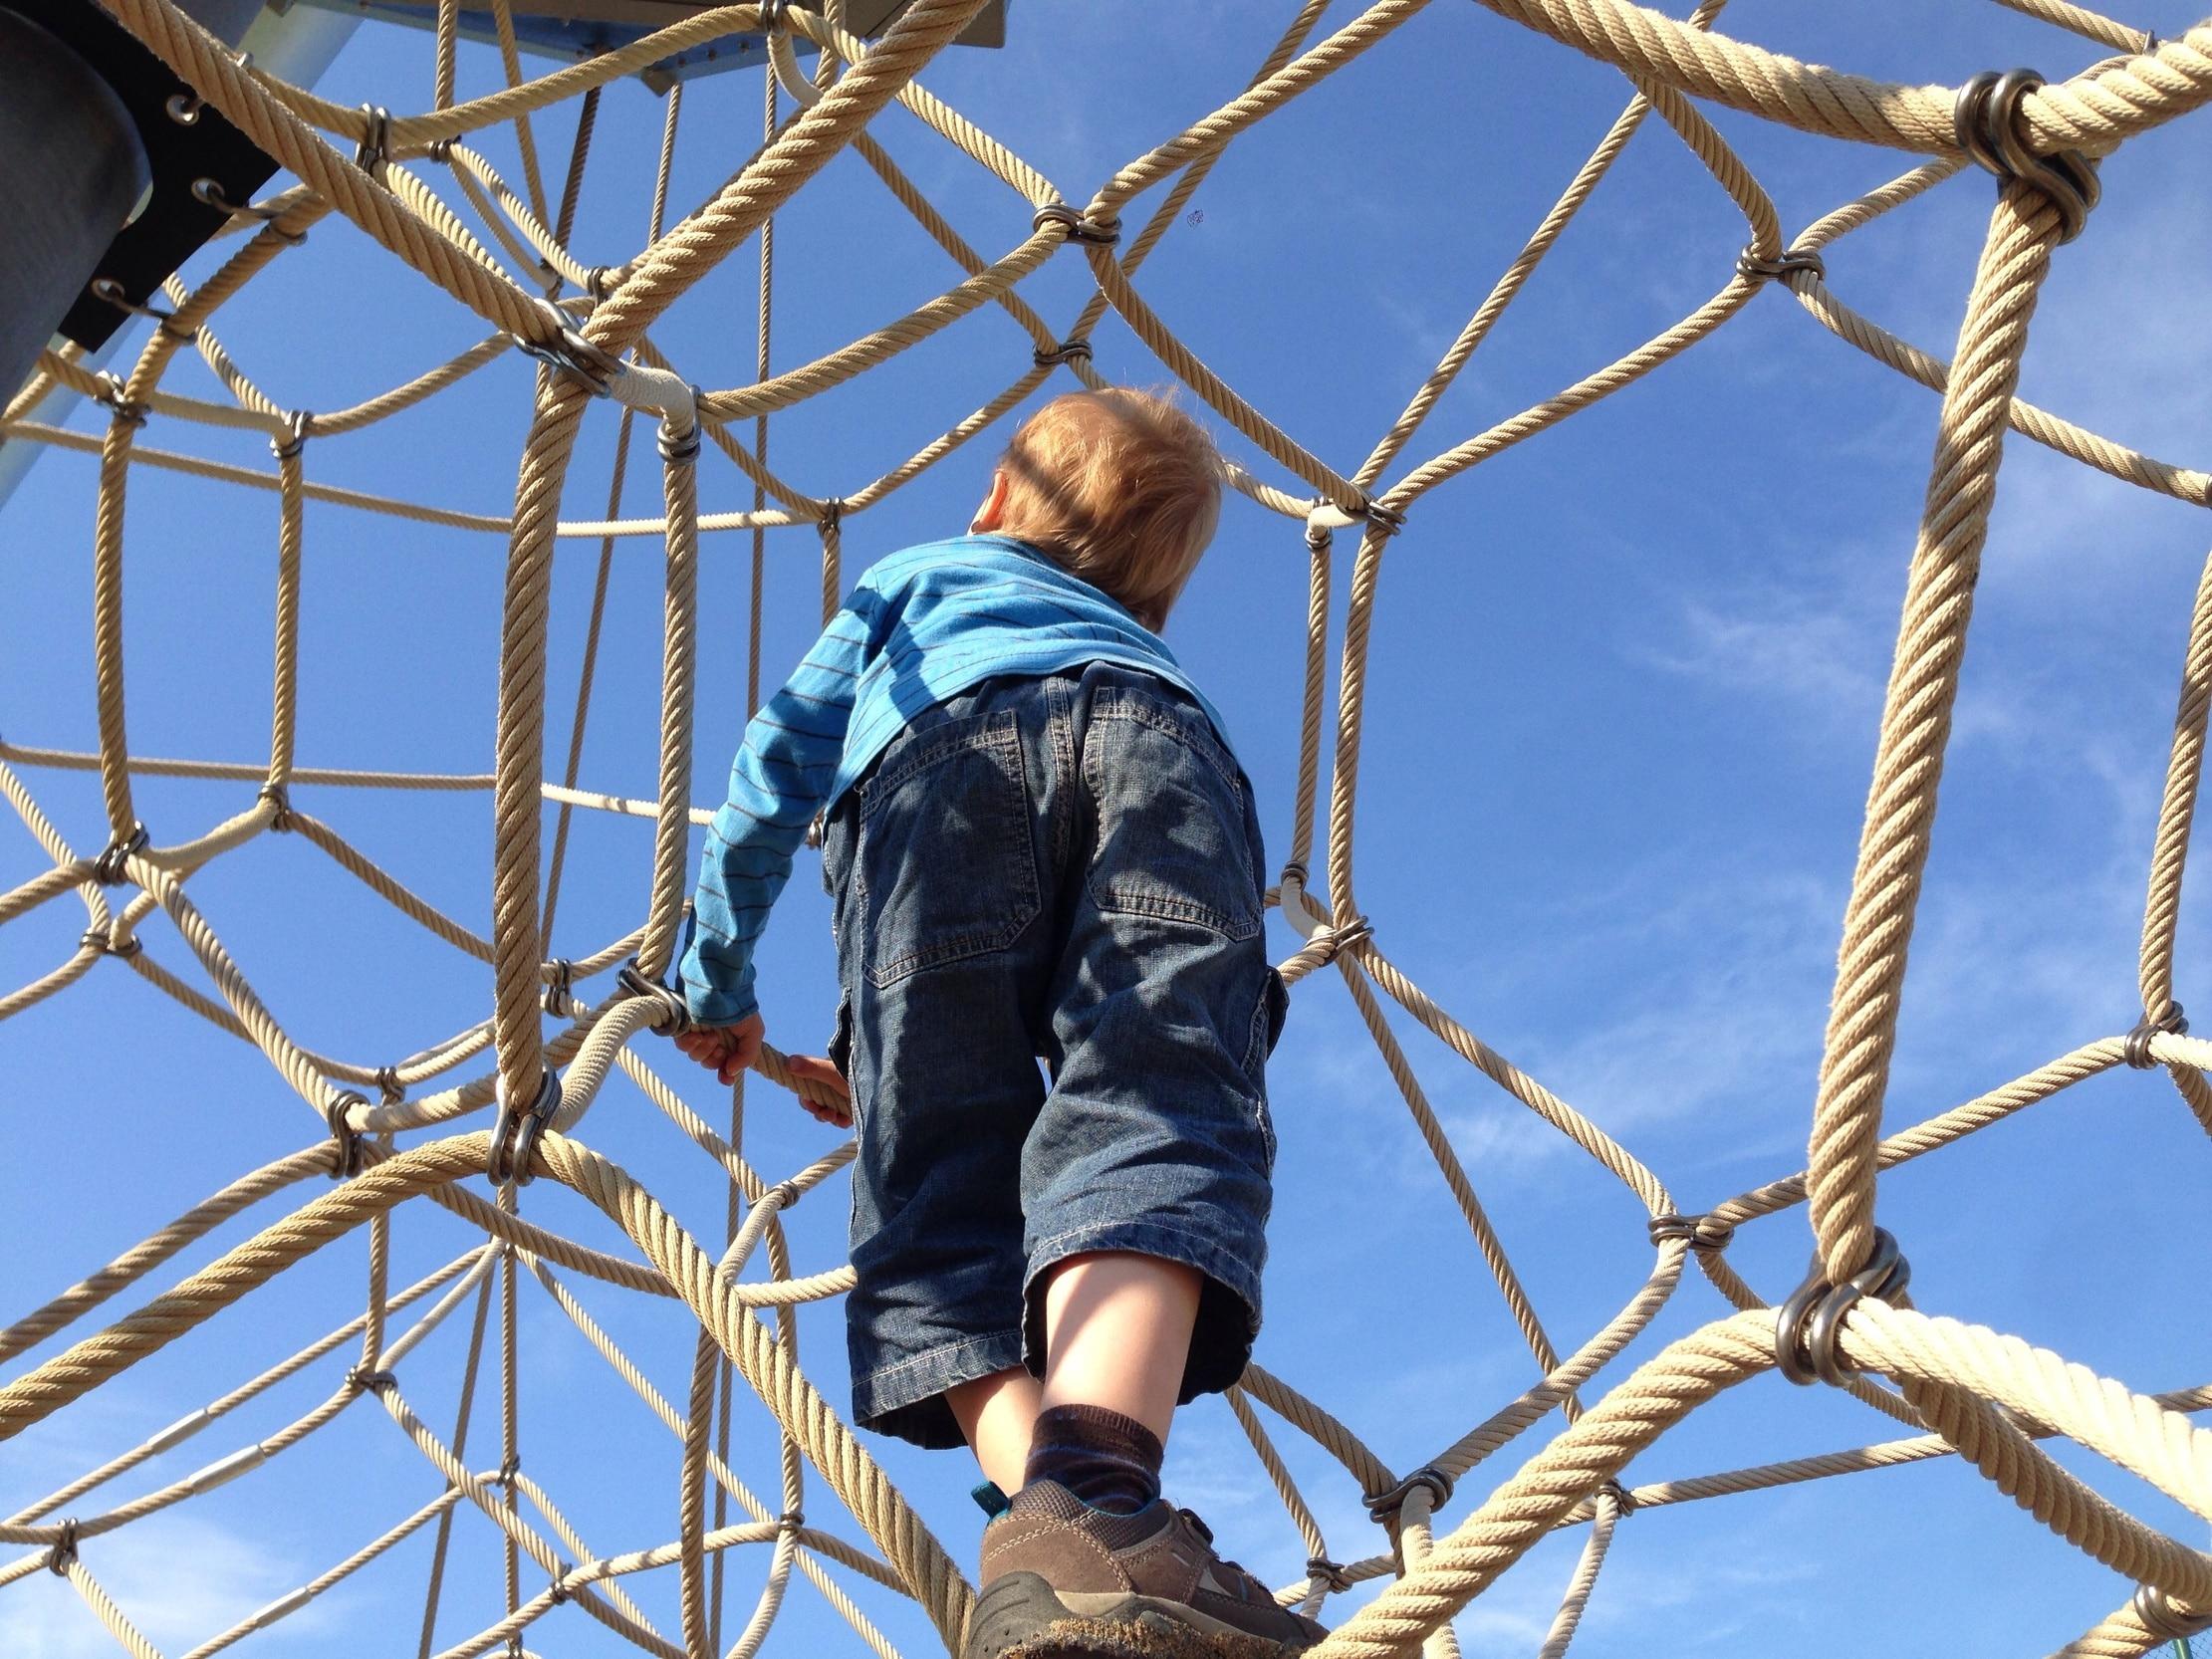 Klettergerüst Von Oben : Klettergerüst in woltorfer kindergarten seit einem halben jahr